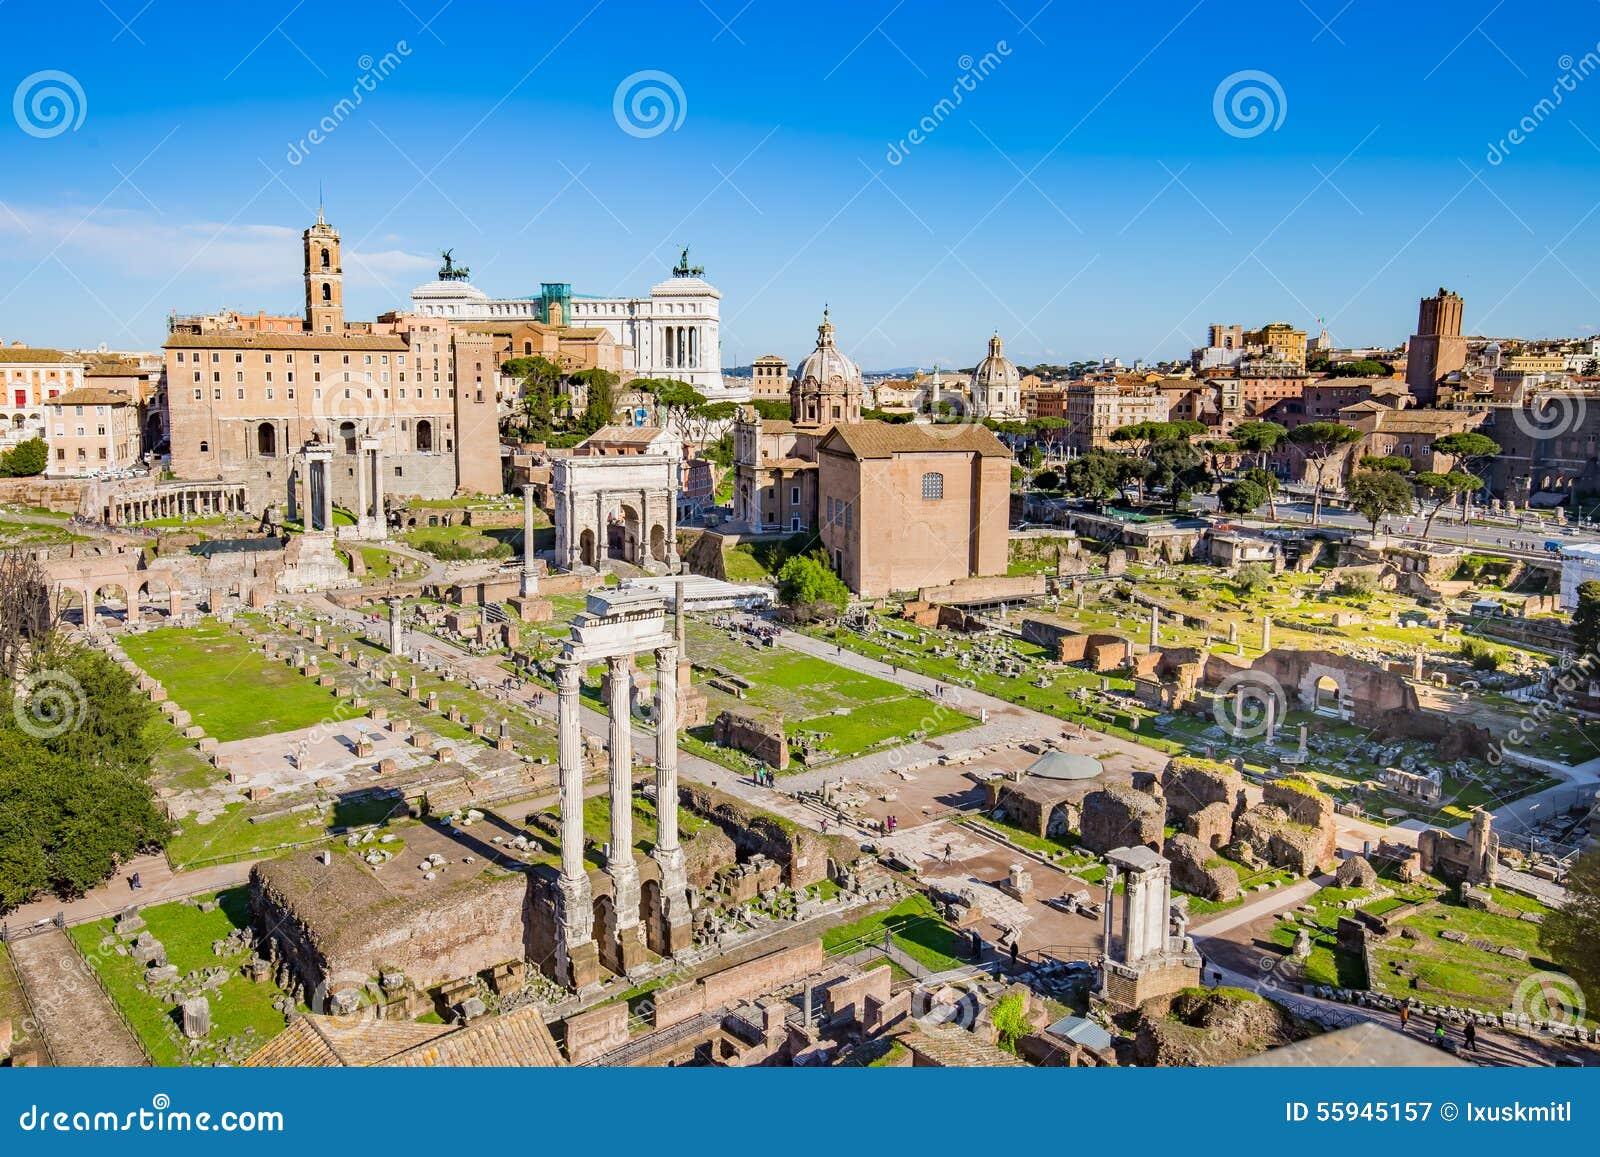 Rzymski forum w Rzym, Włochy